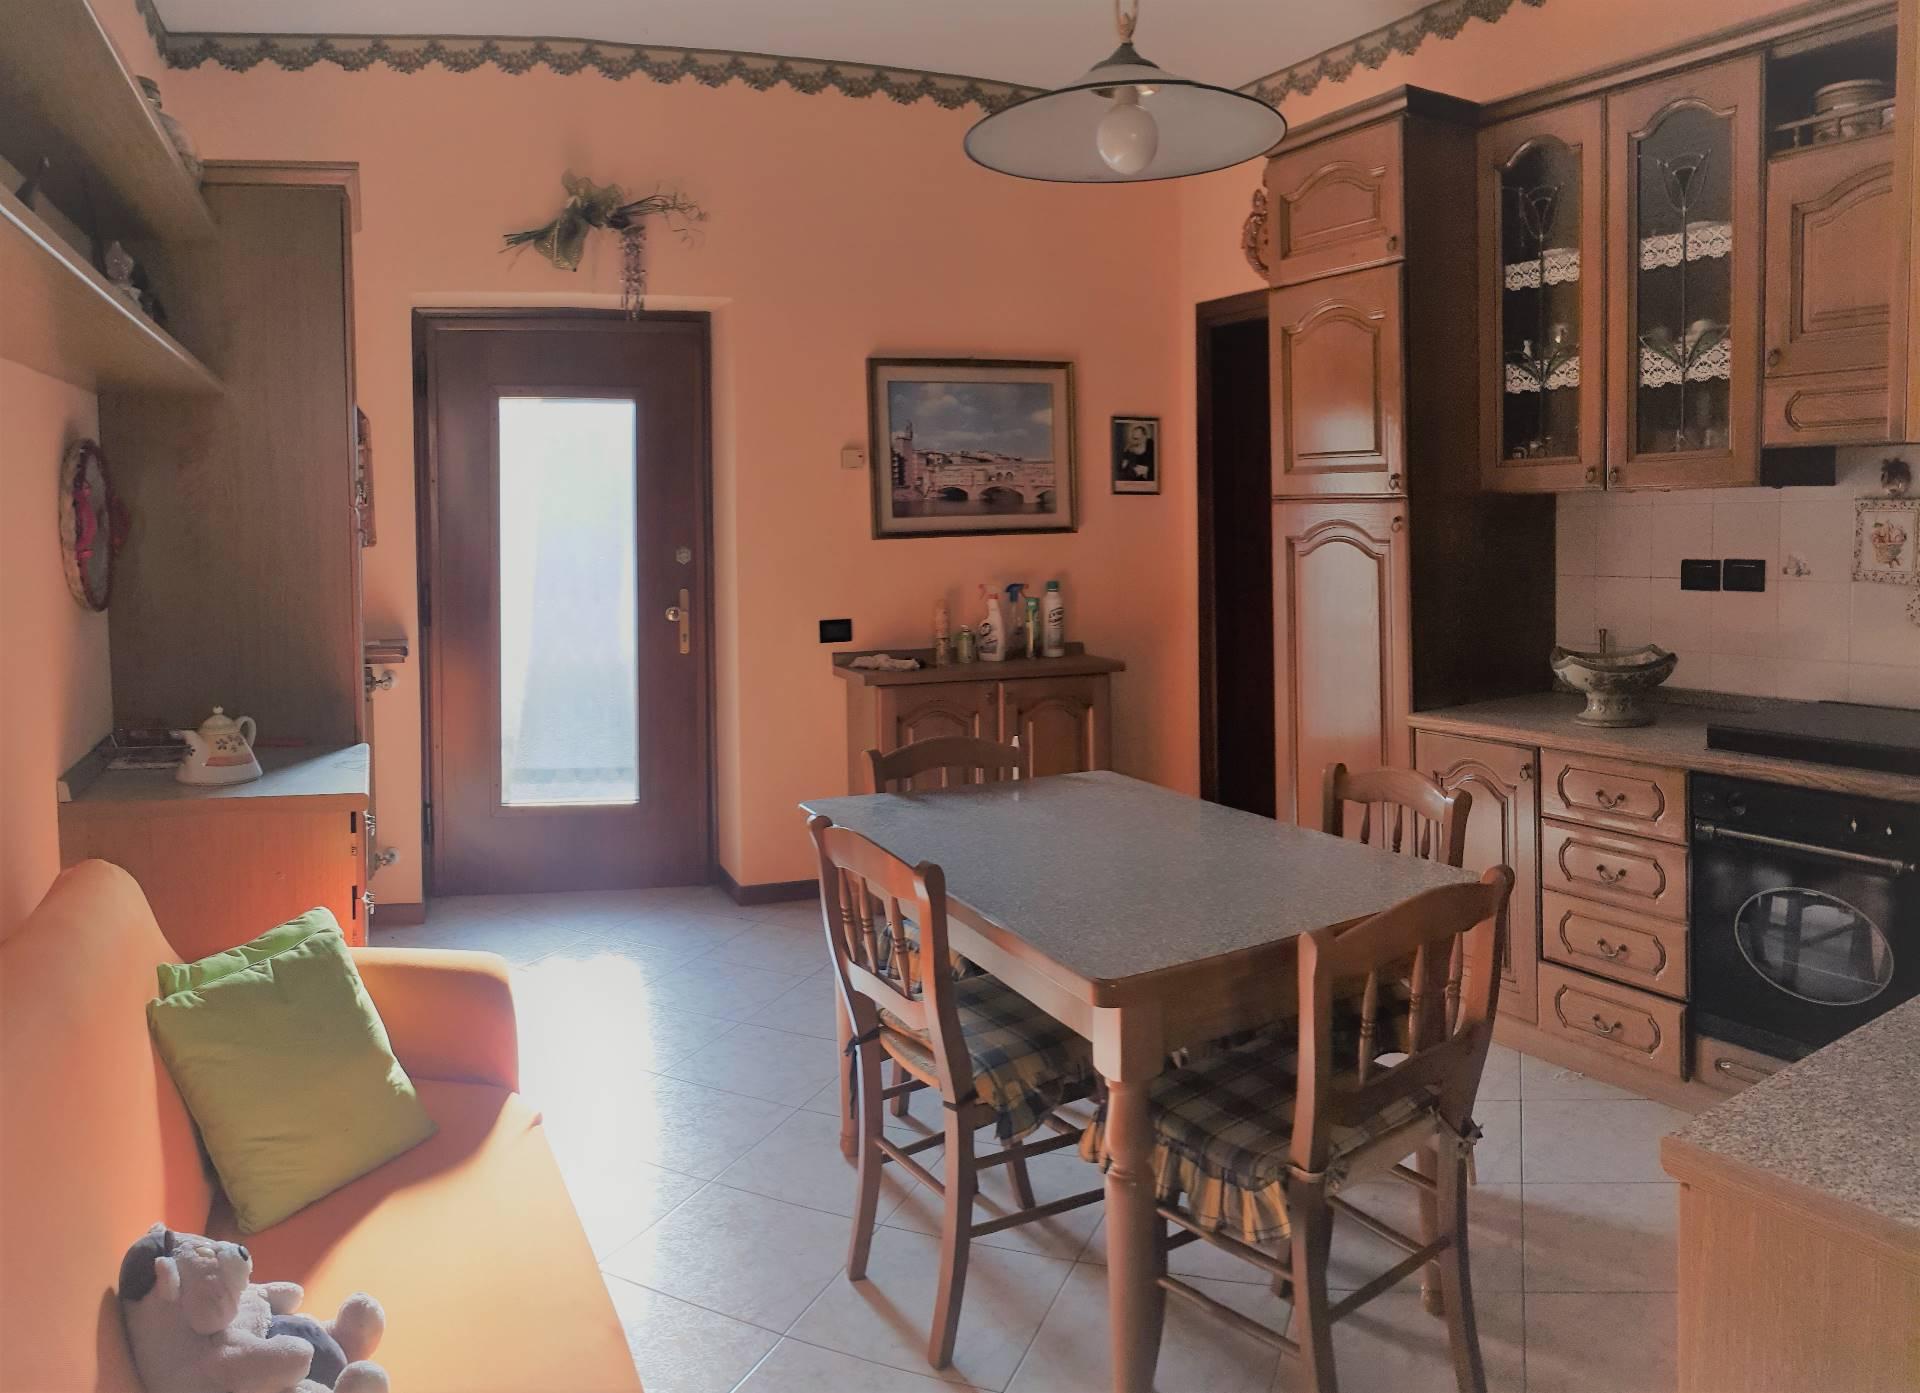 Appartamento in vendita a Cologno al Serio, 3 locali, prezzo € 95.000 | CambioCasa.it